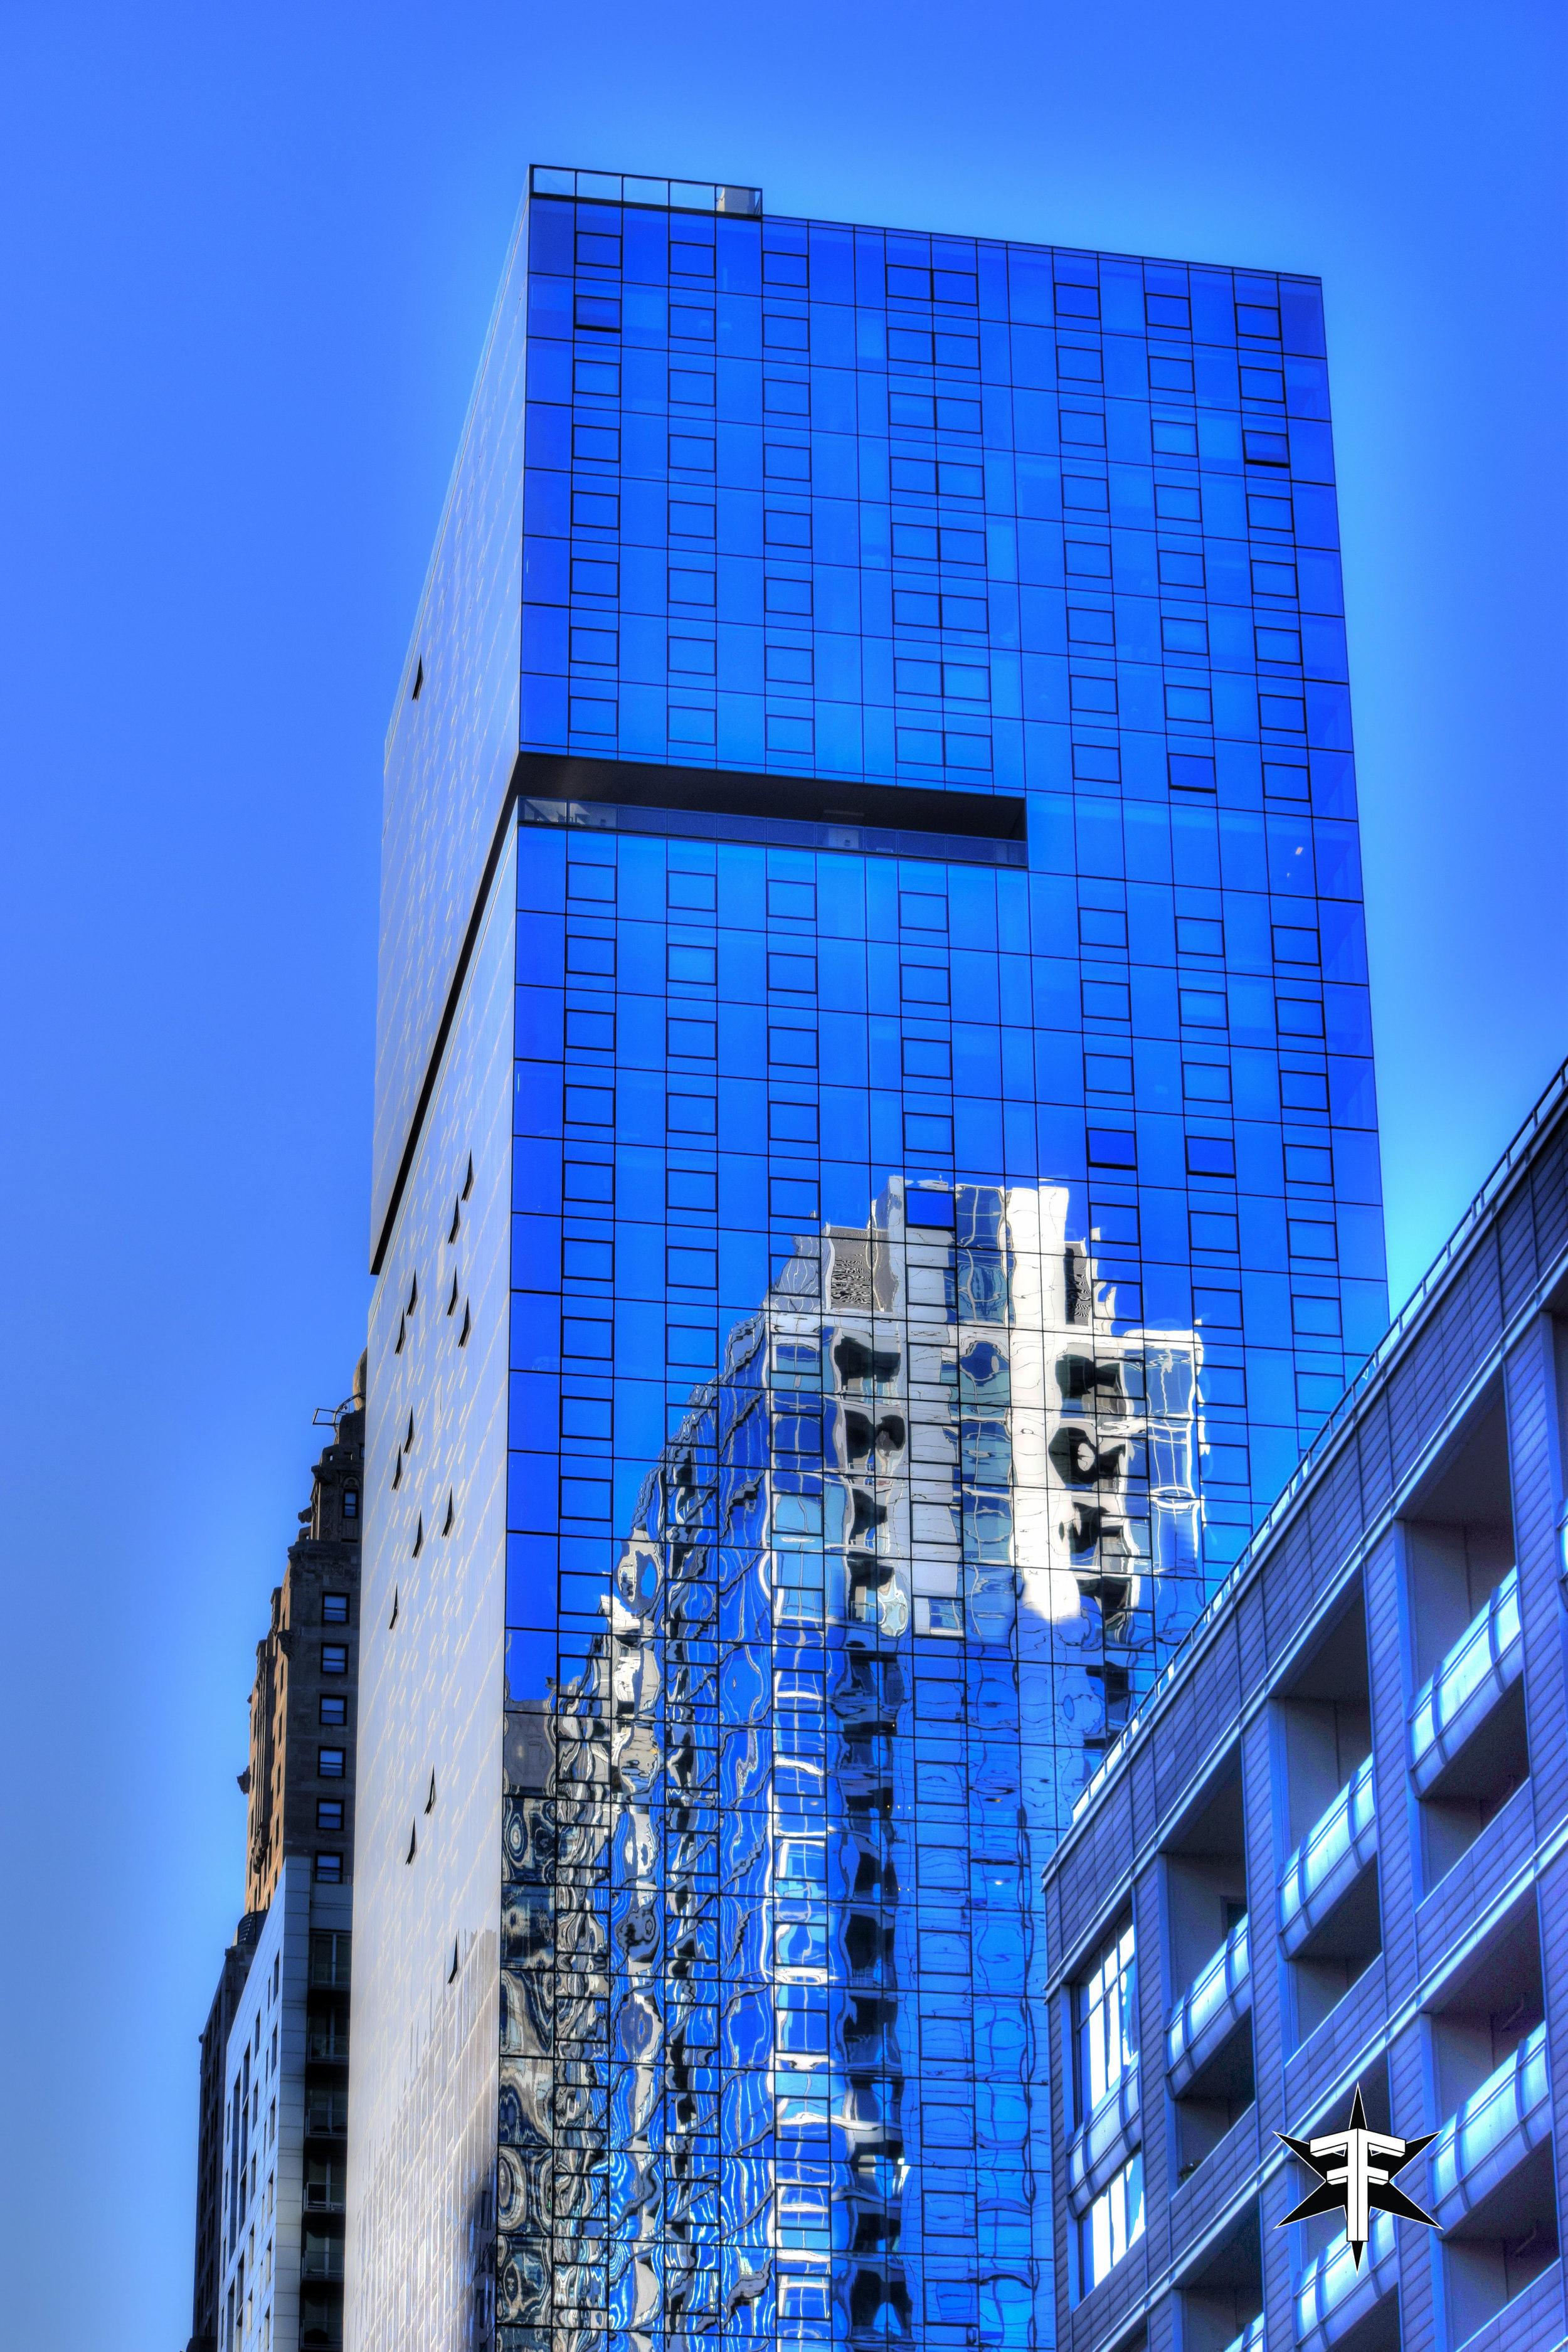 chicago architecture eric formato photography design arquitectura architettura buildings skyscraper skyscrapers-32.jpg